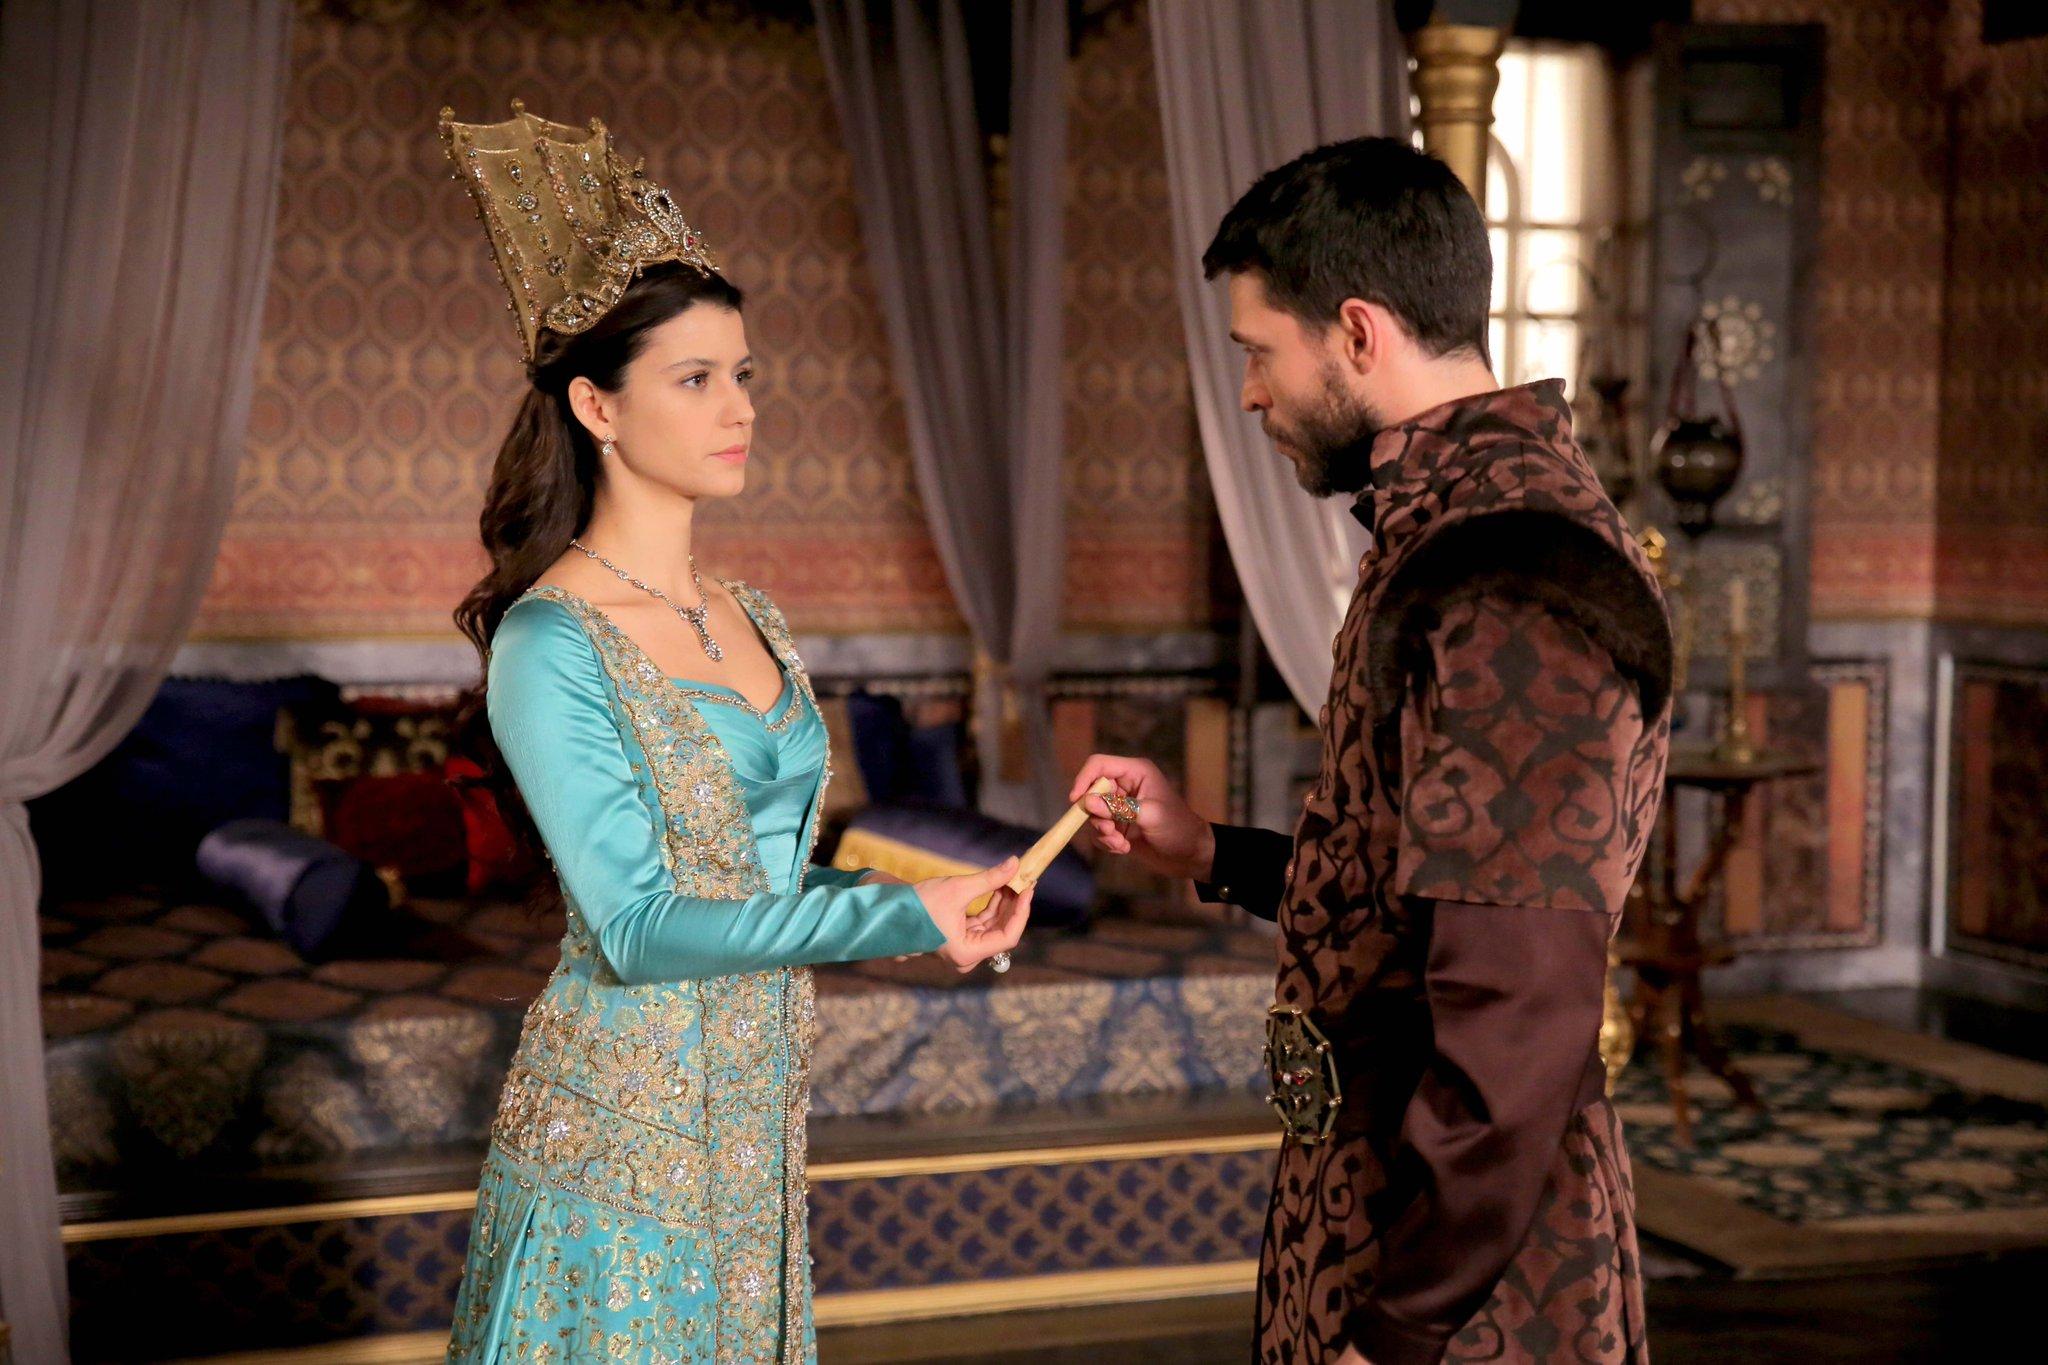 Лучшие Турецкие сериалы на русском языке смотреть онлайн